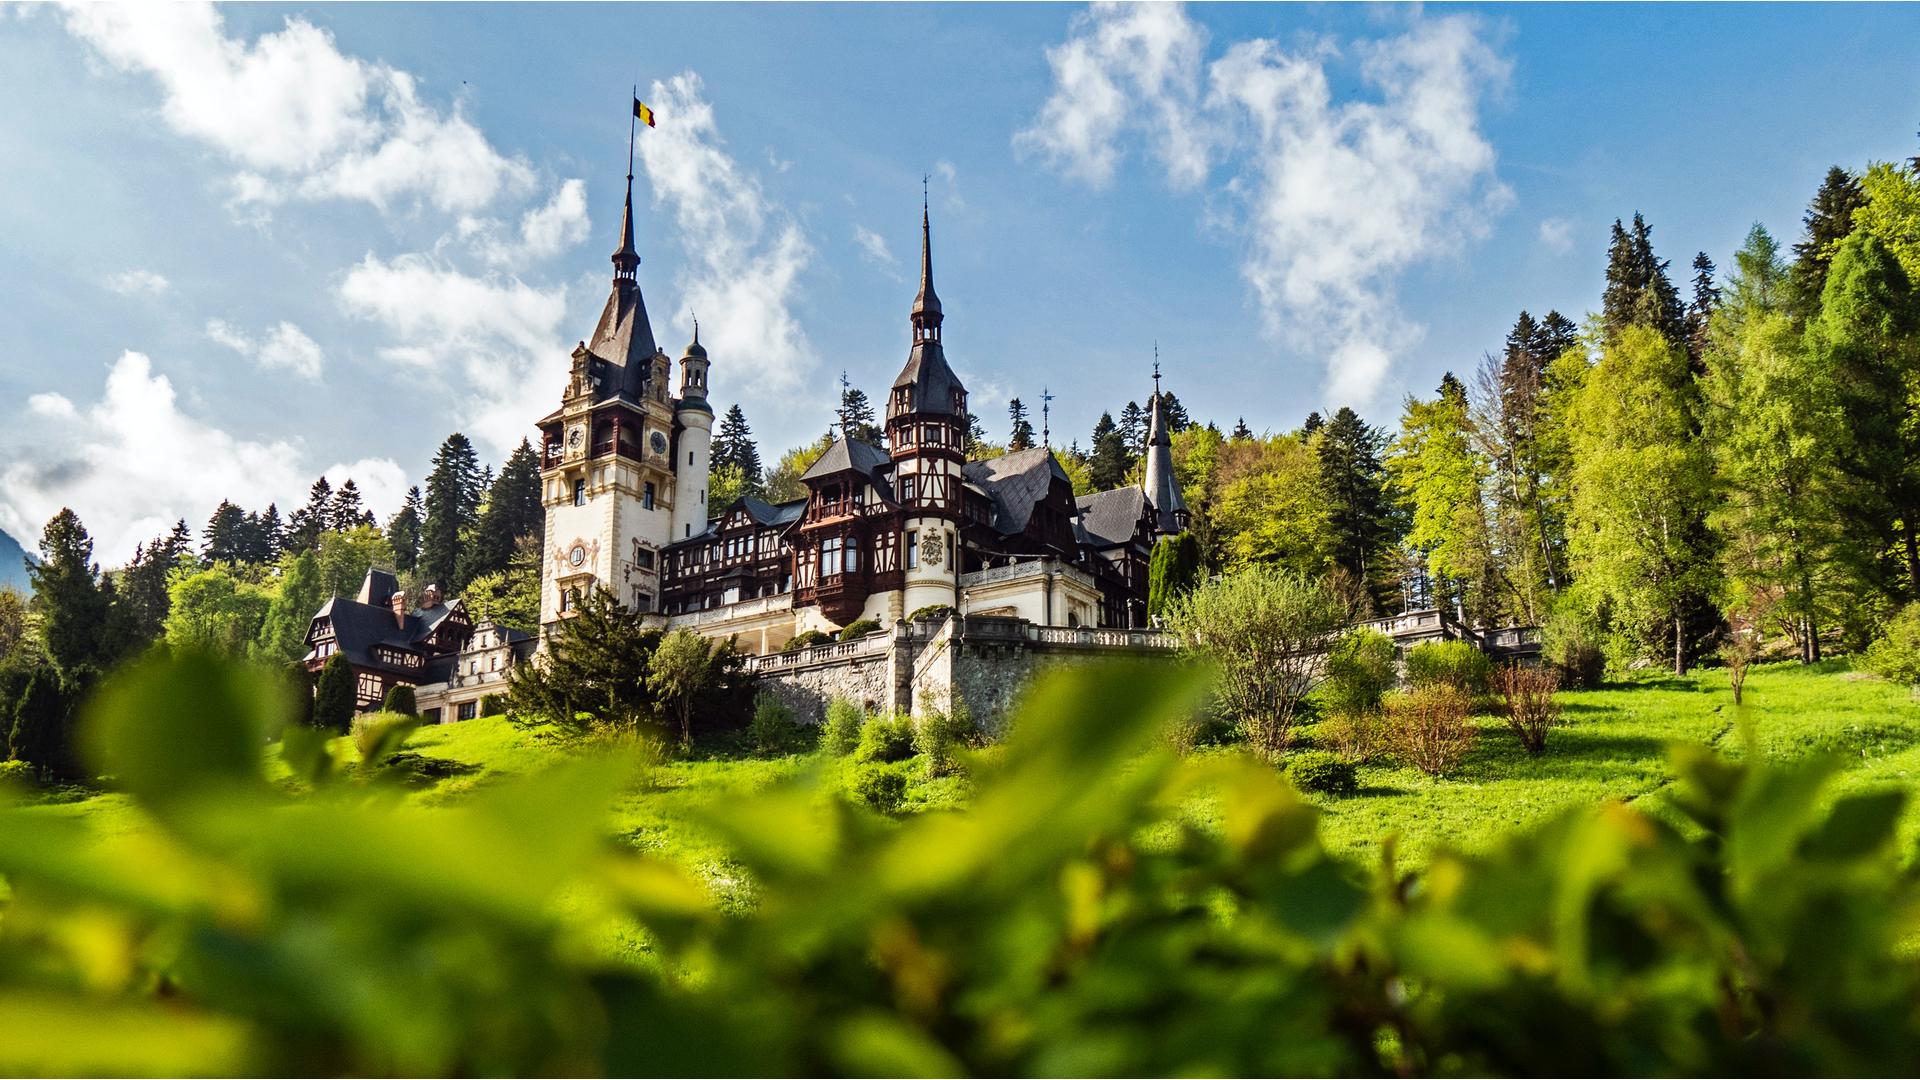 A view in Romania